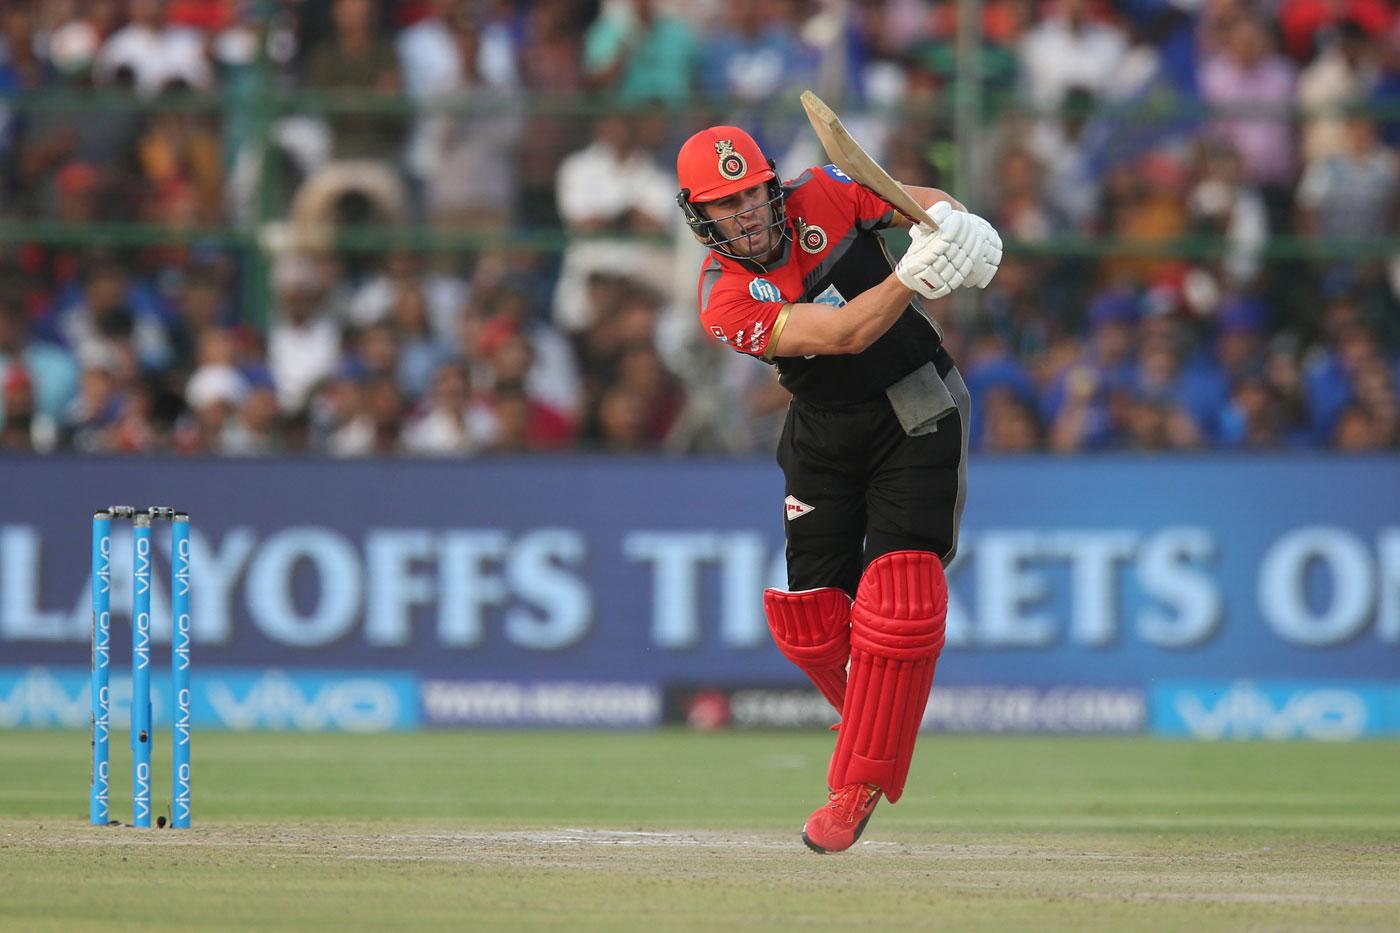 AB de Villiers Confirms His Availability For Pakistan Super League 2019